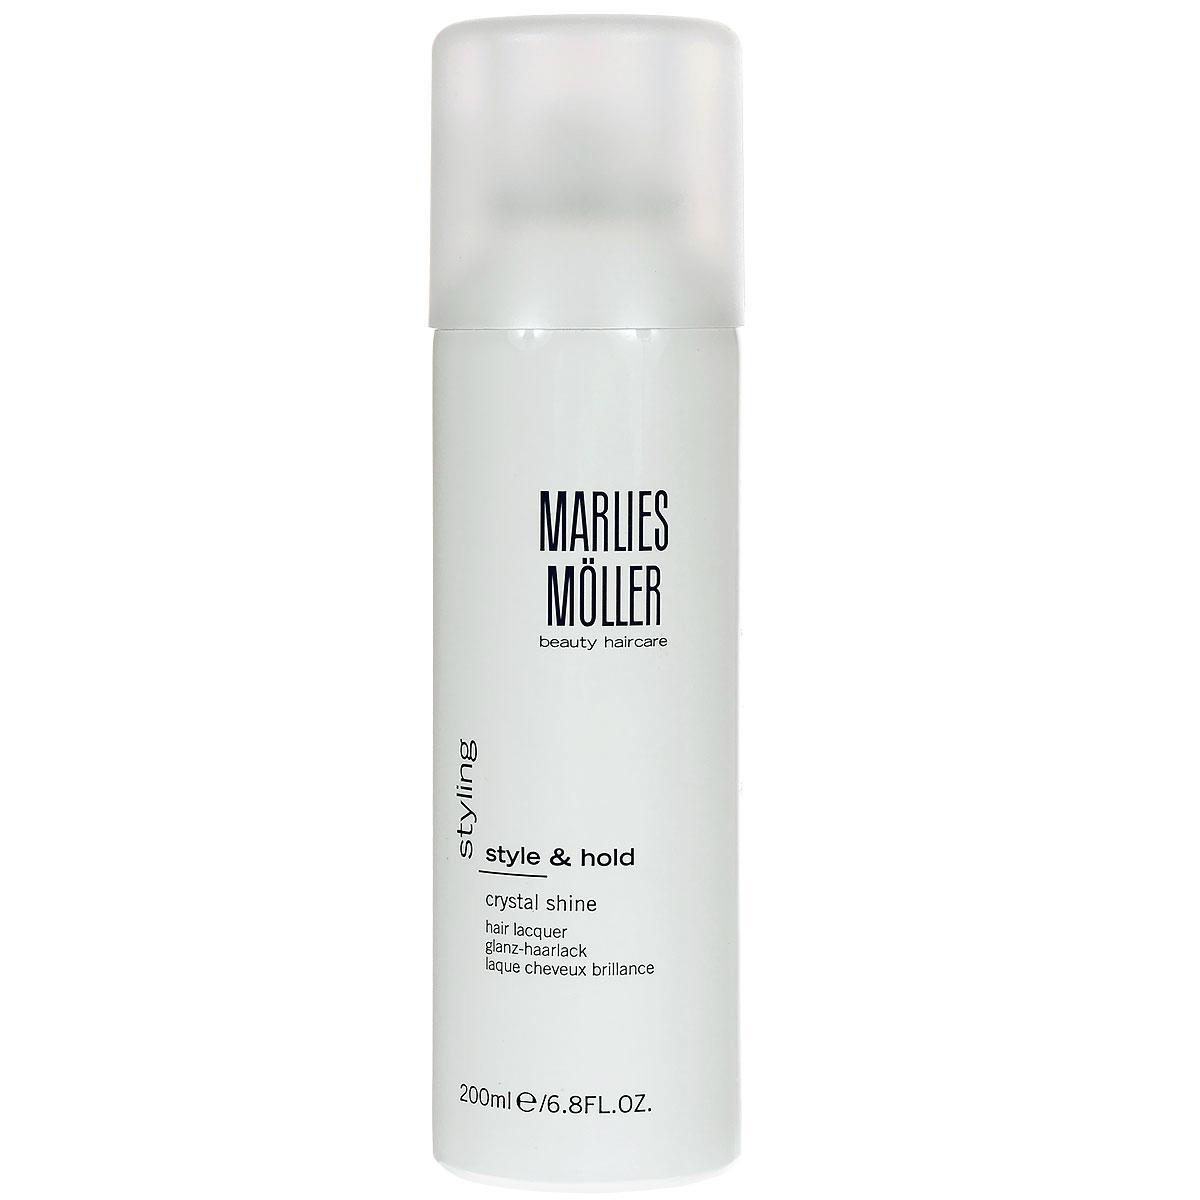 Marlies Moller Лак Styling для волос, кристальный блеск, 200 мл25812MMgЗавораживающее и изящное завершение укладки. Сухой лак обеспечивает превосходную фиксацию, благодаря мелкодисперсному аэрозолю быстро сохнет и чётко фиксирует. Ультра сильная фиксация без потери объема. Легко удаляется с волос. Профессиональный стайлинг для сияющего блеска волос. В составе - хрустальная пудра, которая дает искрящийся блеск, отражает свет и придает прическе ультра глянцевое сияние. Лак защищает волосы от влажного воздуха. UV-защита.Завершая укладку, нанесите лак, держа флакон на расстоянии 20-30 см.